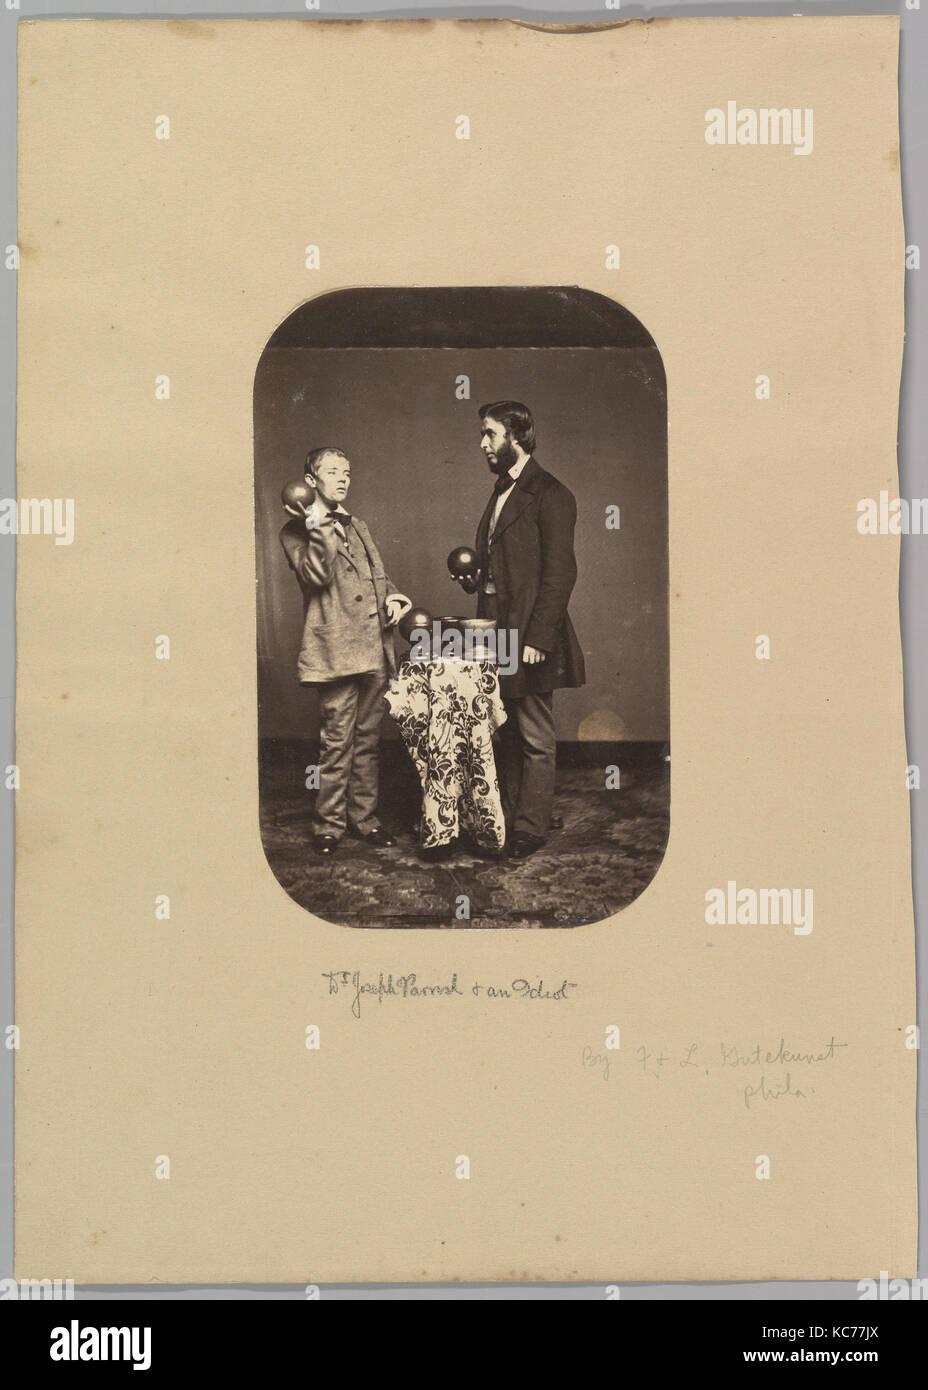 Le Dr Joseph Parrish et un idiot, Frederick Gutekunst, ca. 1858 Photo Stock